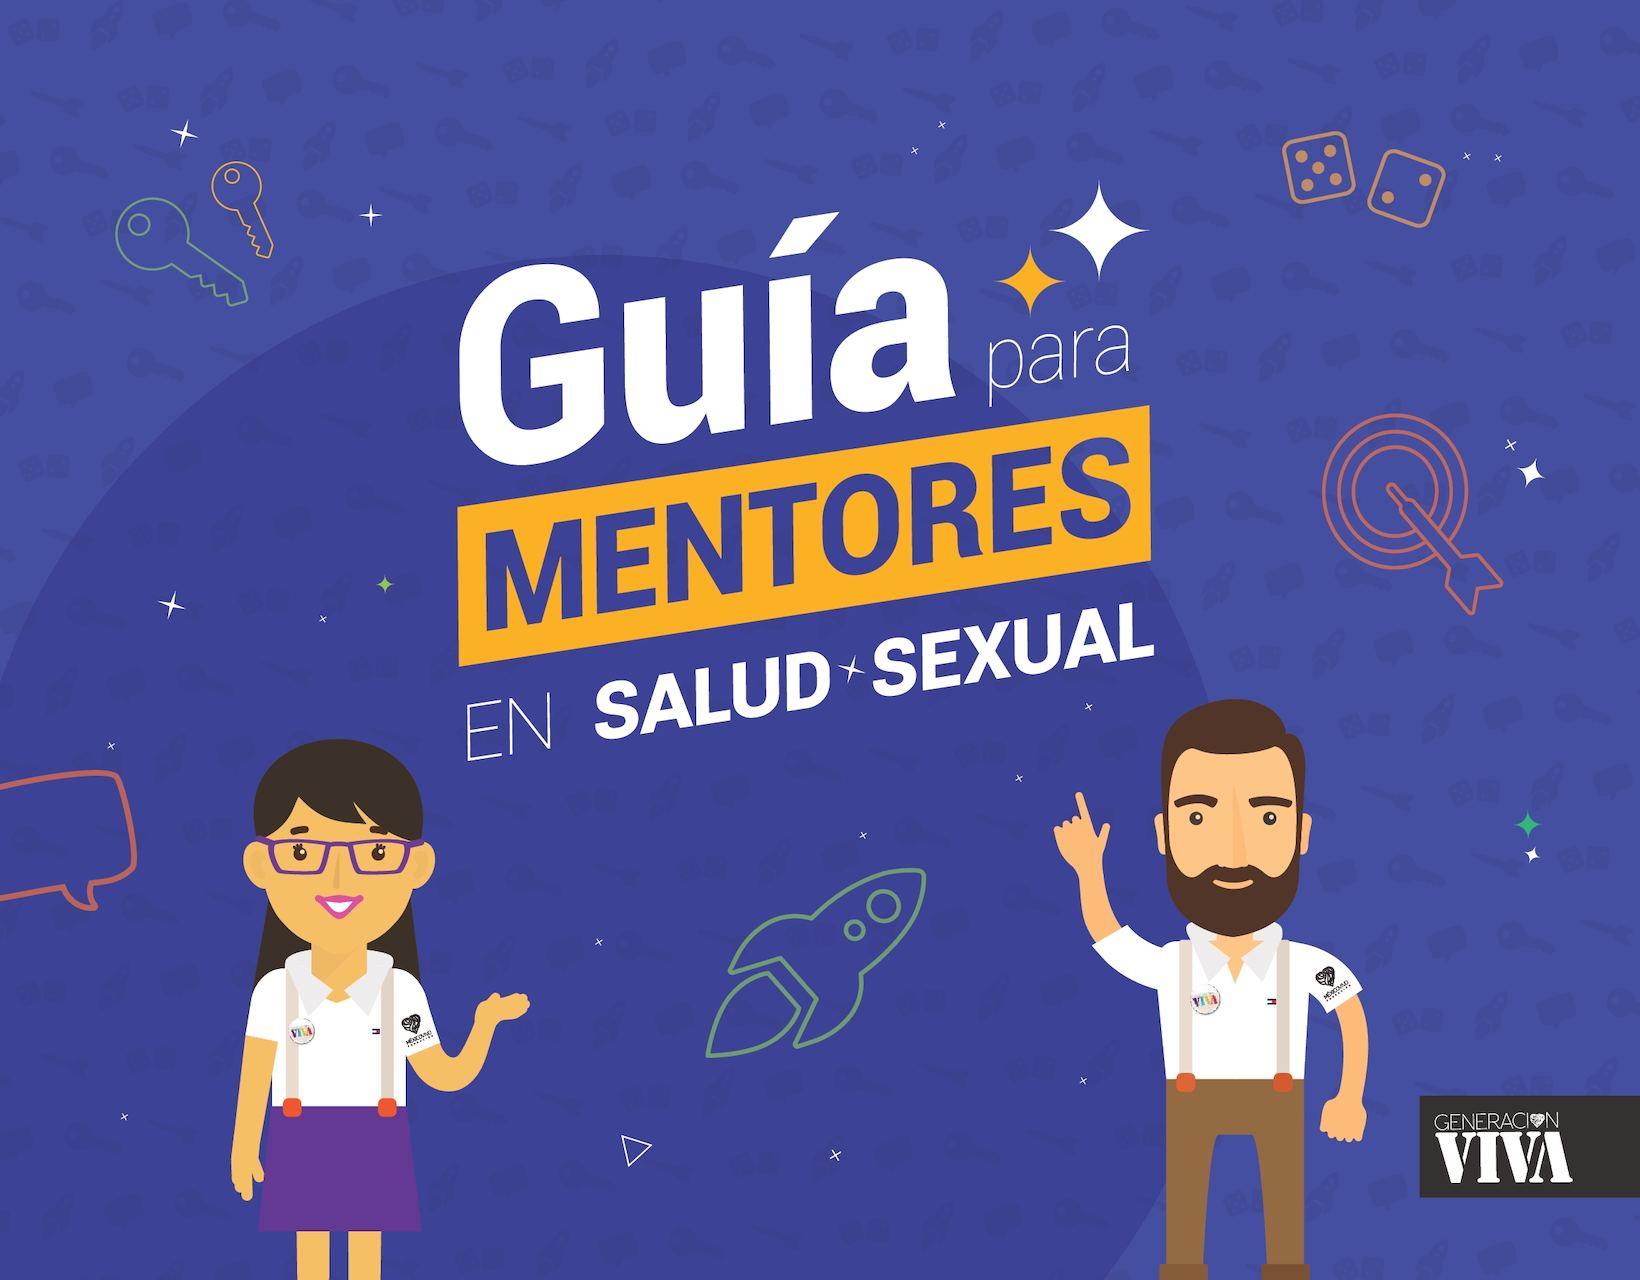 Candela X Y Estudiante Porno calaméo - guía mentores